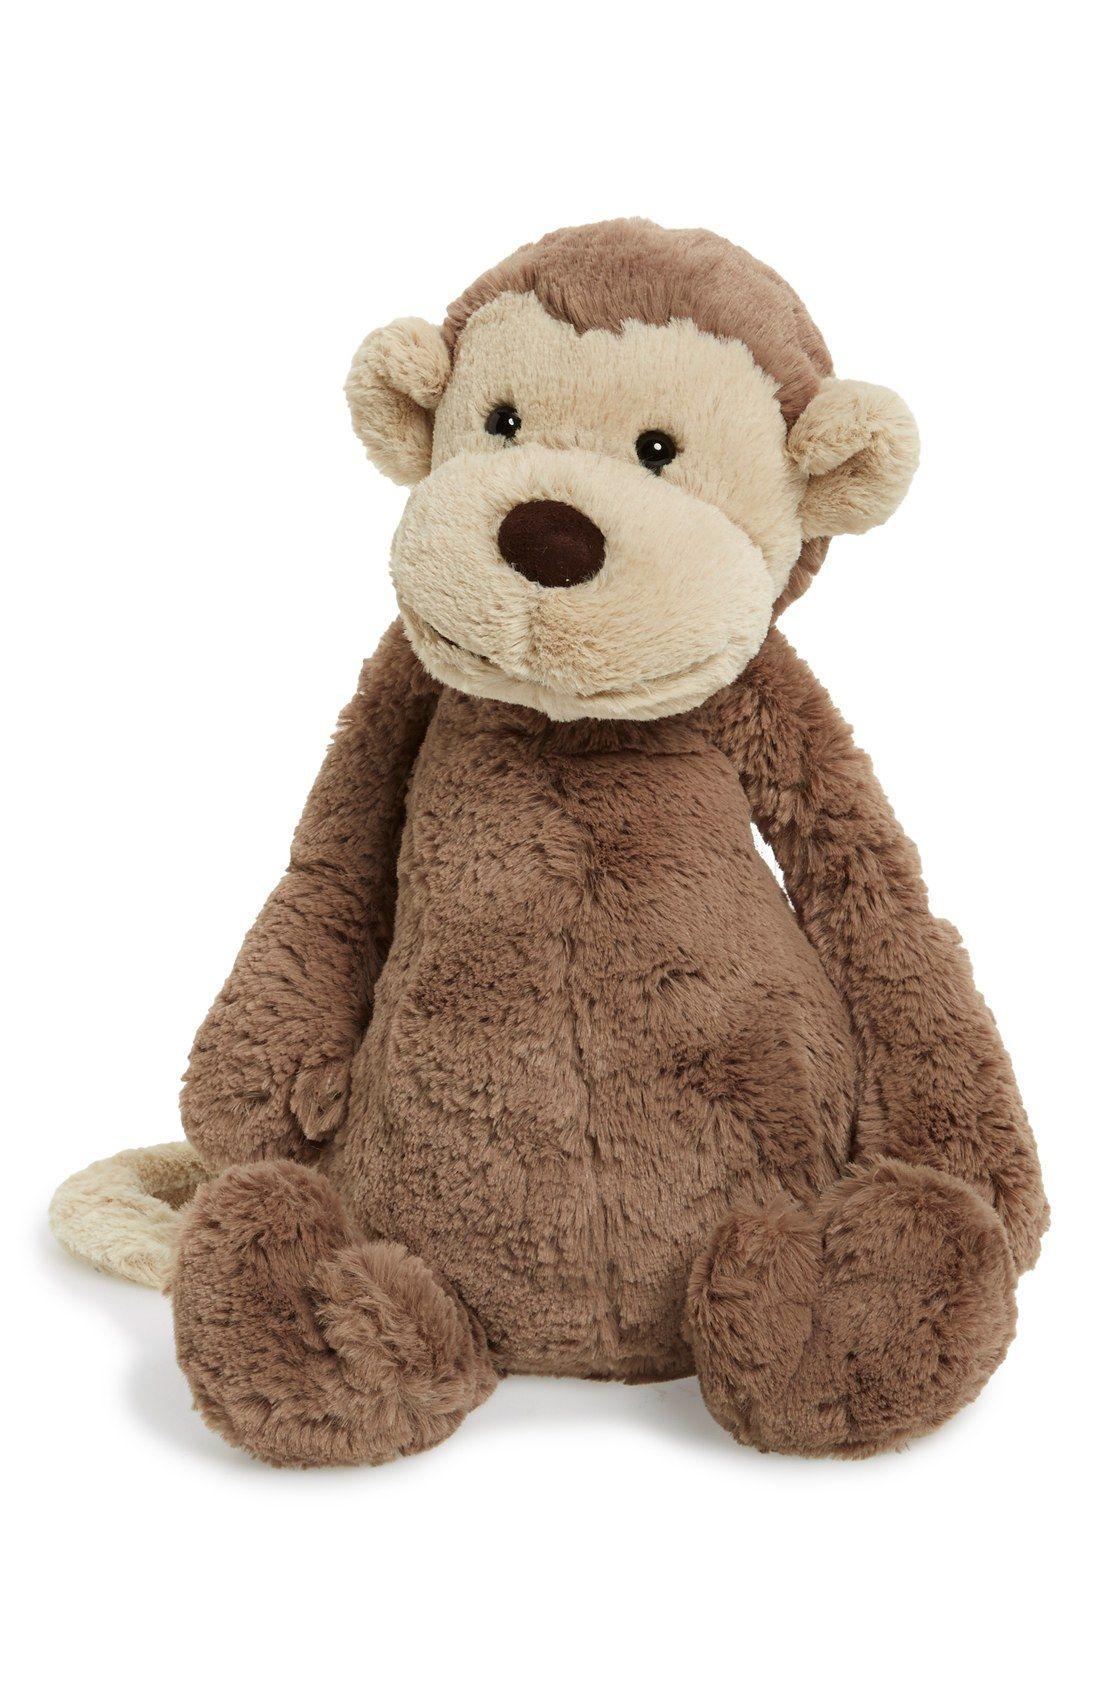 Jellycat Large Bashful Monkey Stuffed Animal Nordstrom Monkey Stuffed Animal Elephant Plush Monkey Plush